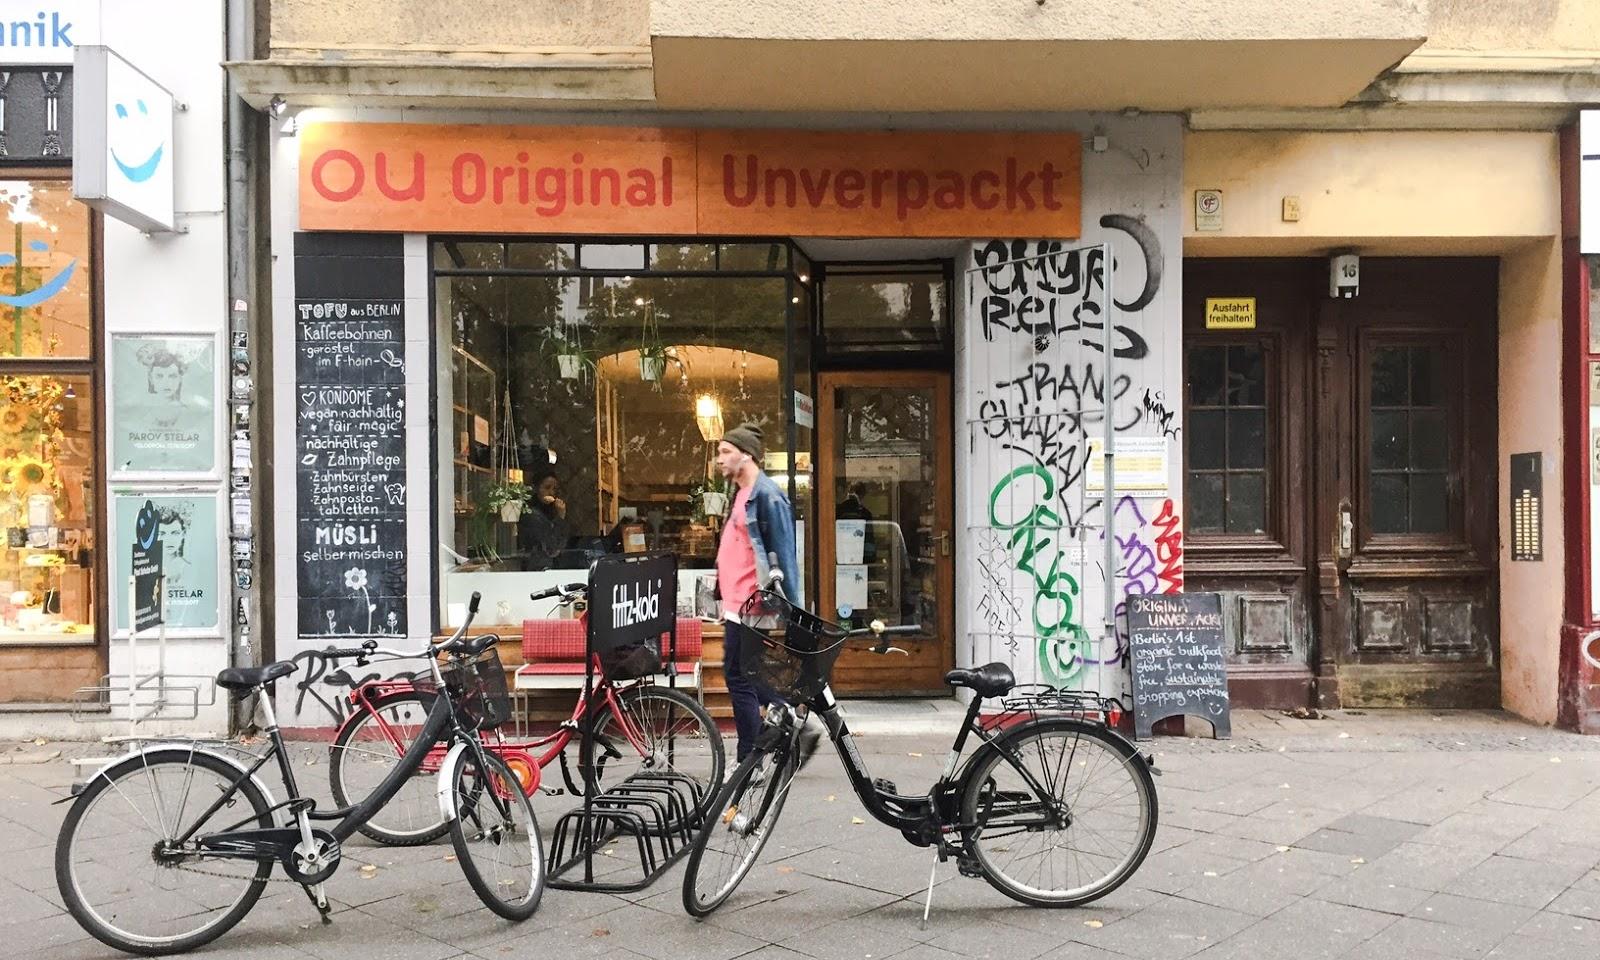 Życie bez śmieci – zero waste w Berlinie